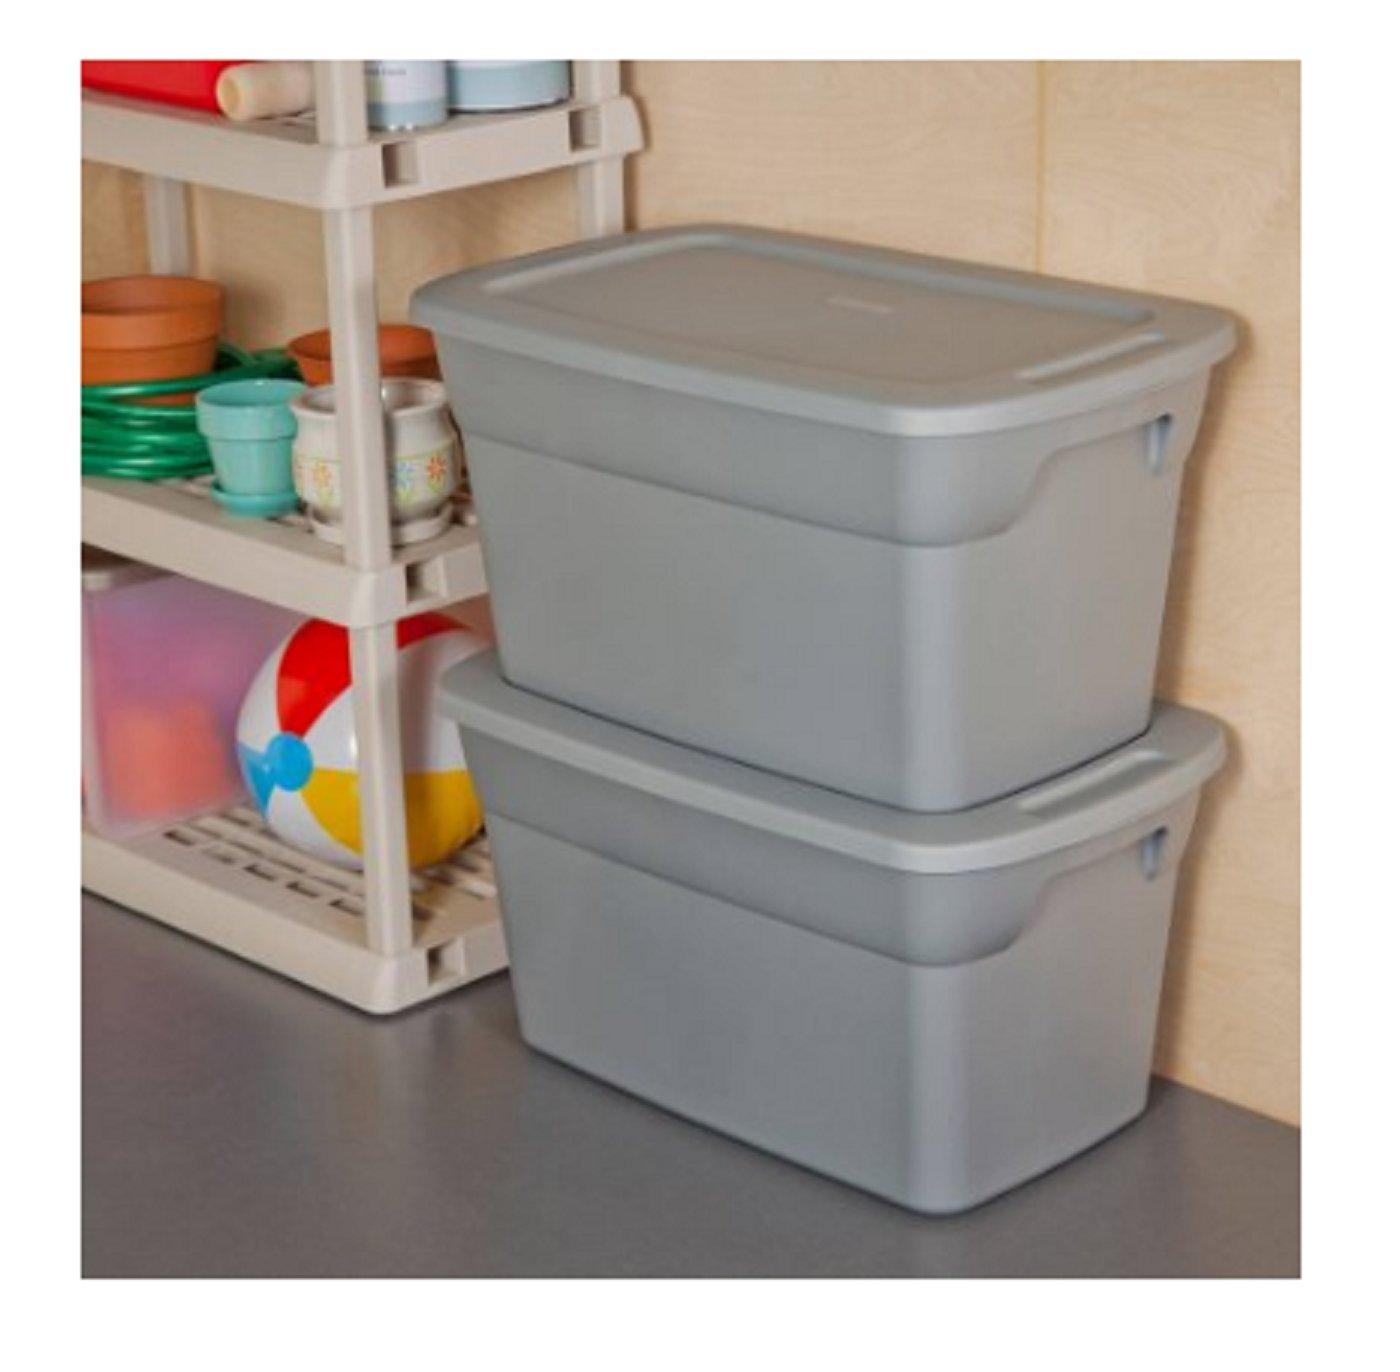 Sterilite 30 Gallon Tote Box- Steel- Case of 6 by STERILITE (Image #2)